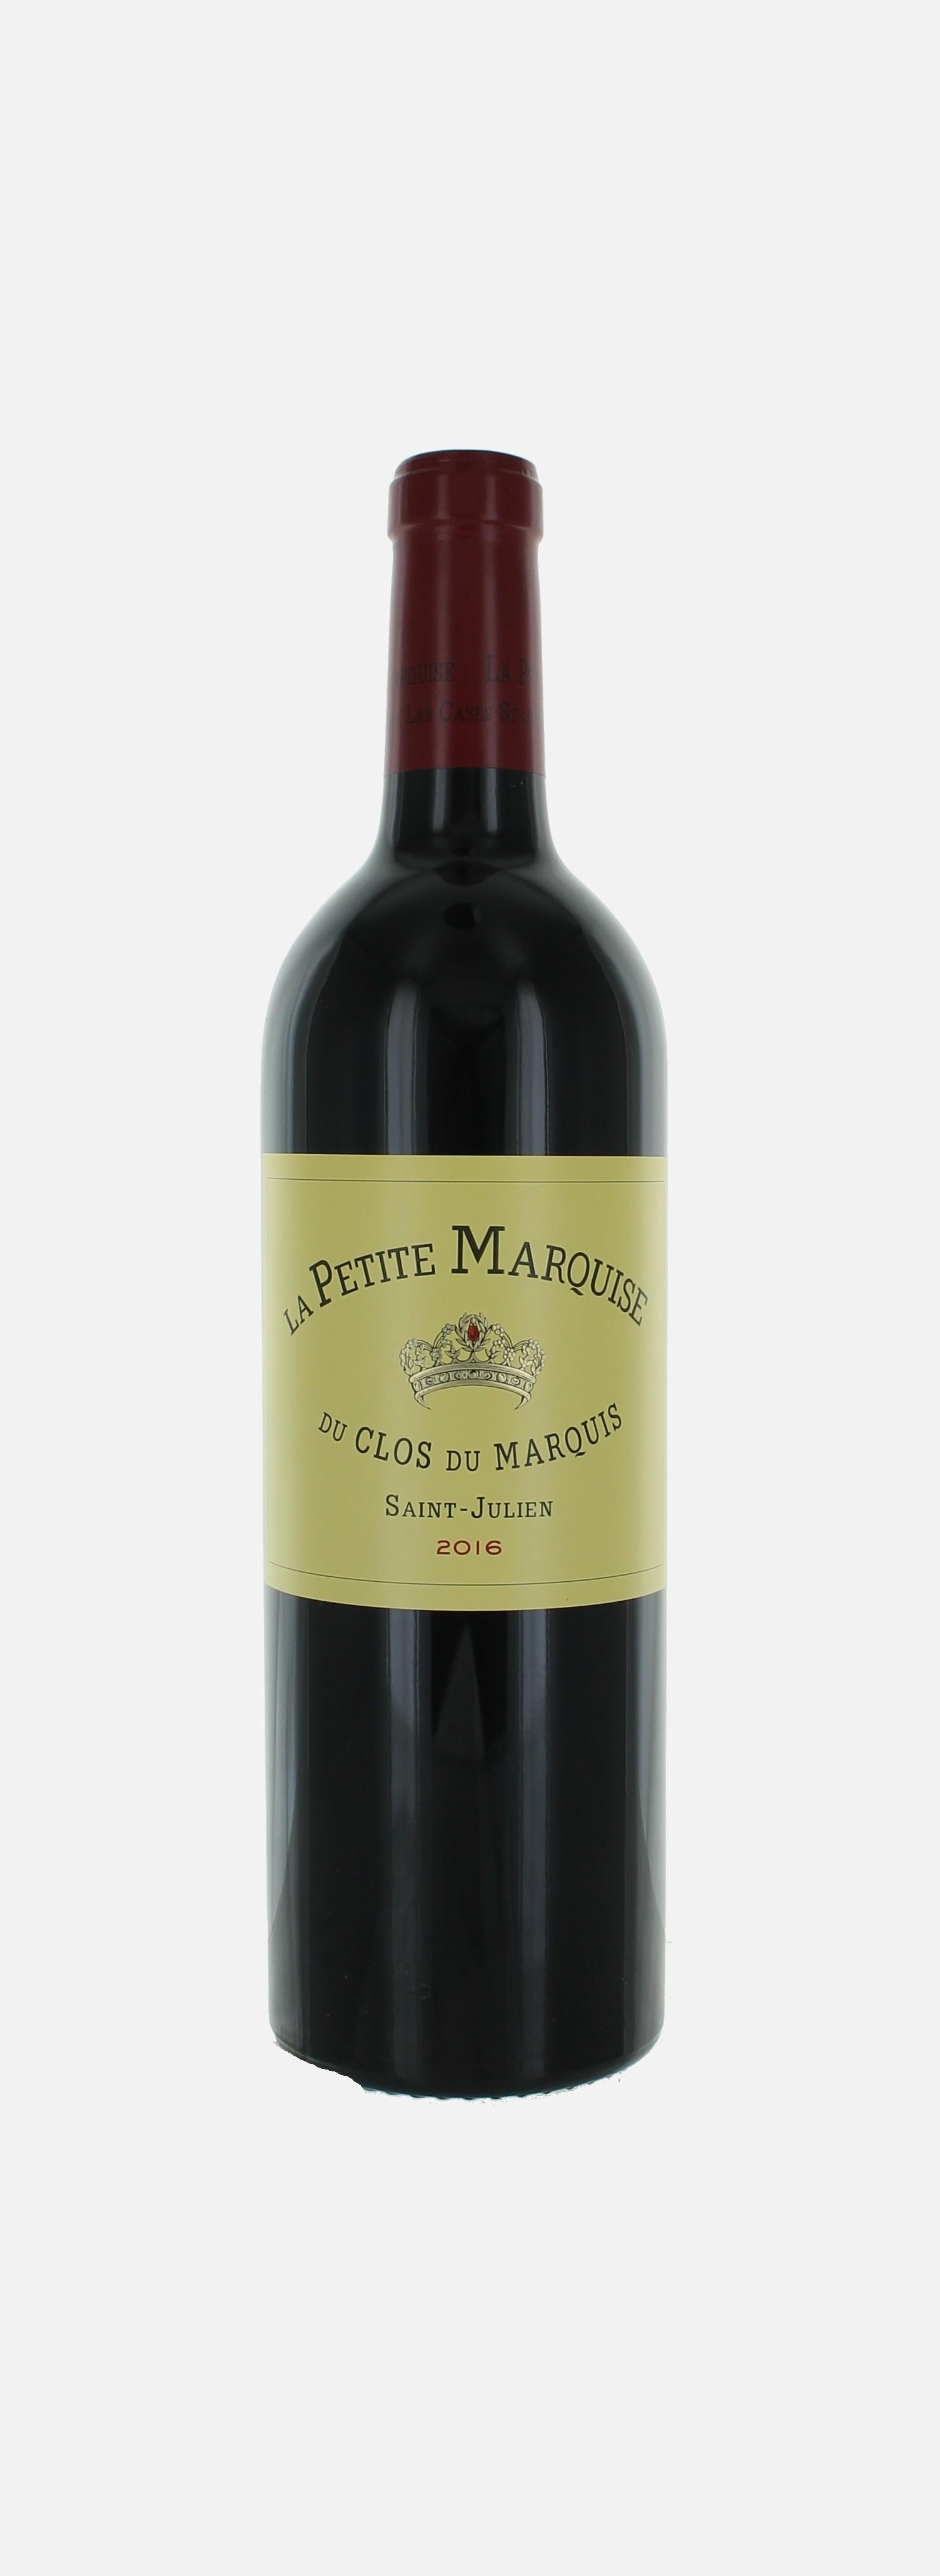 La Petite Marquise, 2ième vin Clos du Marquis